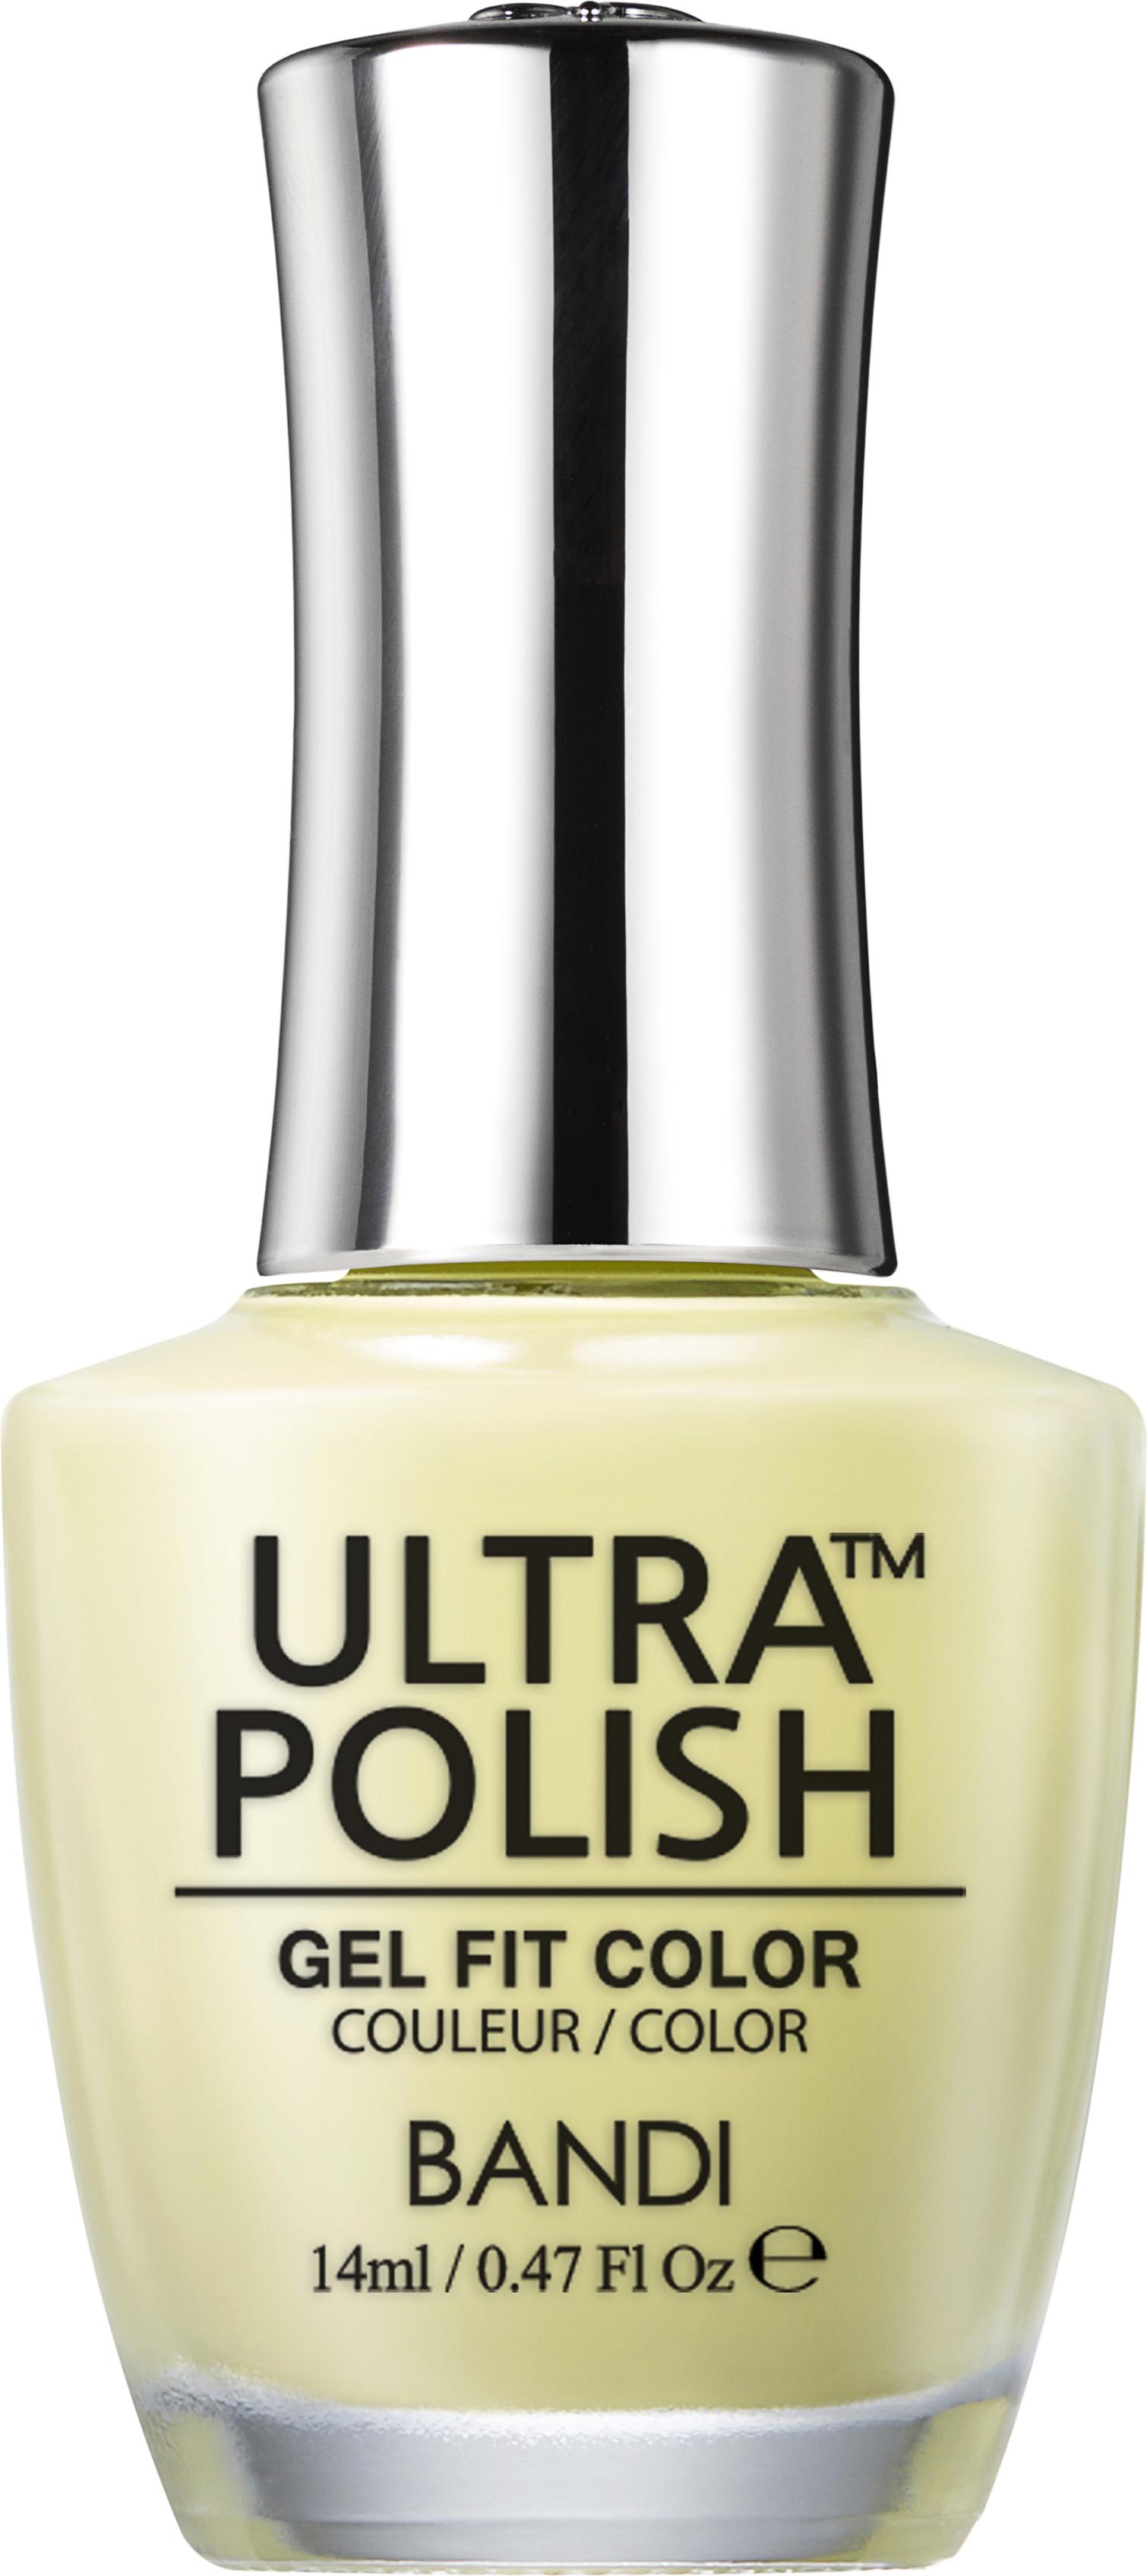 Купить BANDI UP601 ультра-покрытие долговременное цветное для ногтей / ULTRA POLISH GEL FIT COLOR 14 мл, Желтые